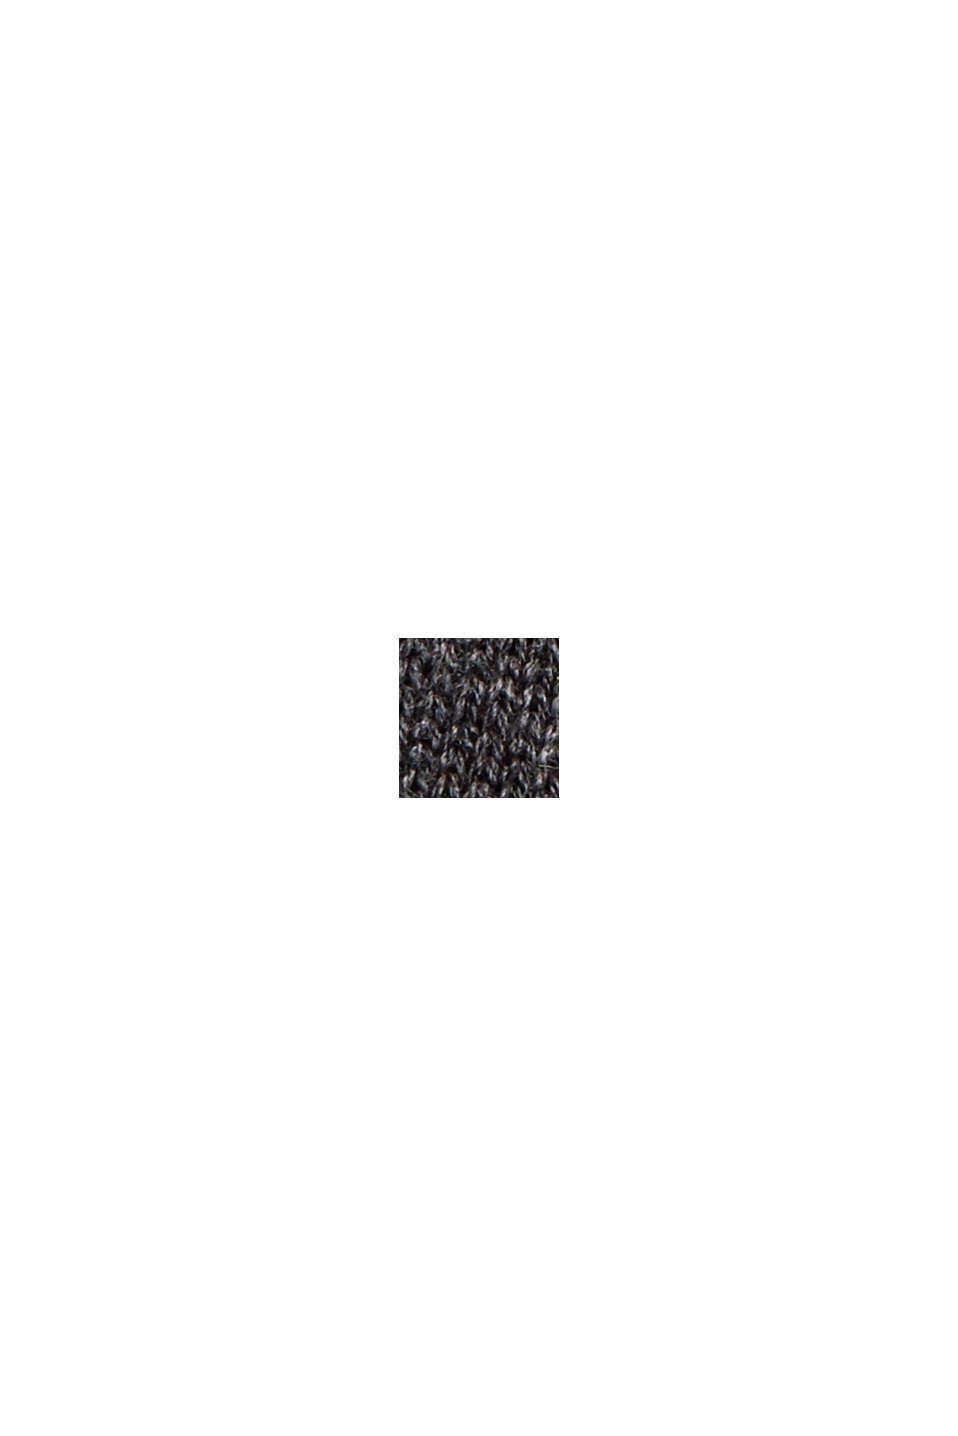 Basisstrikkjole i økologisk bomuldsblanding, DARK GREY, swatch